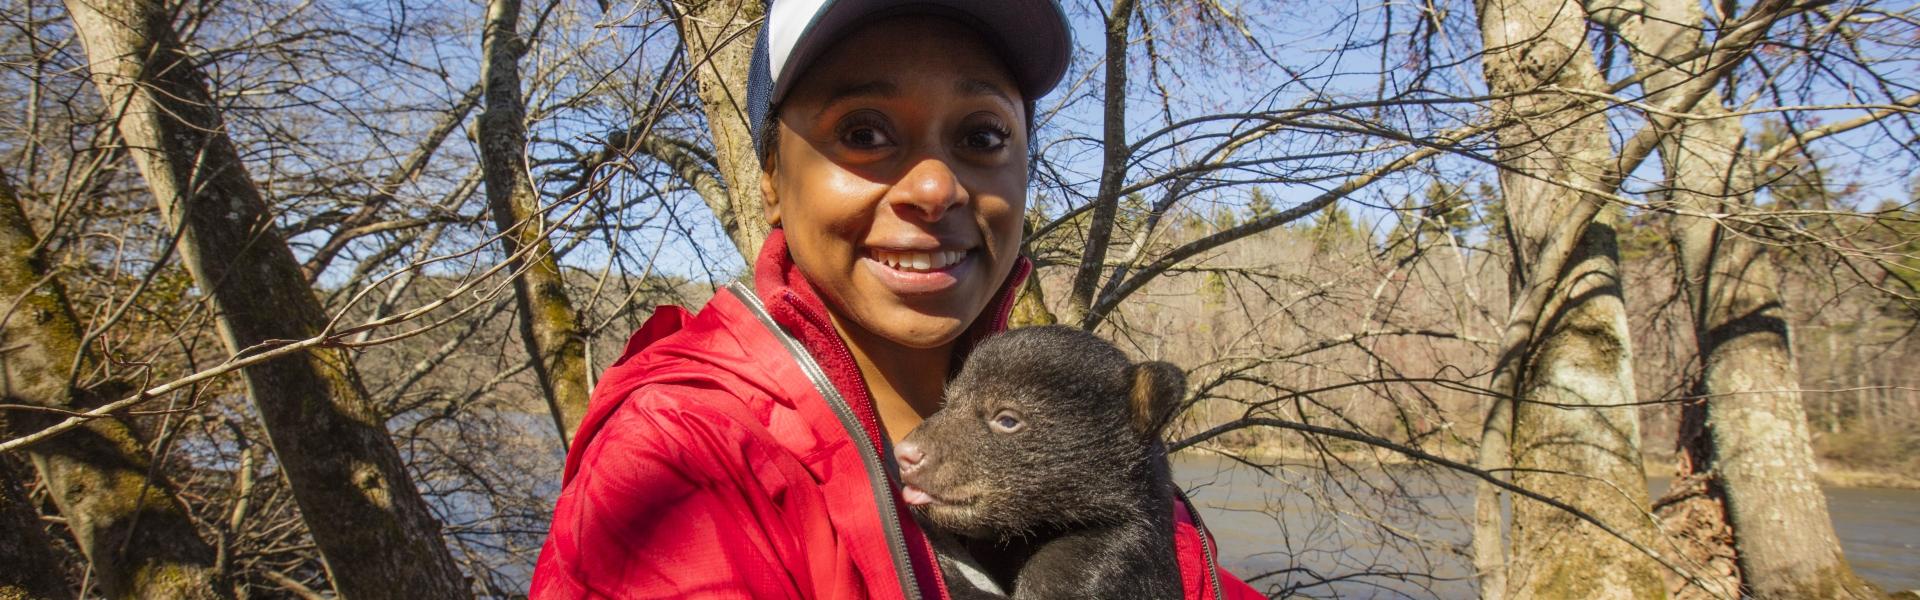 Dr. Rae Wynn-Grant holding a bear cub by a river